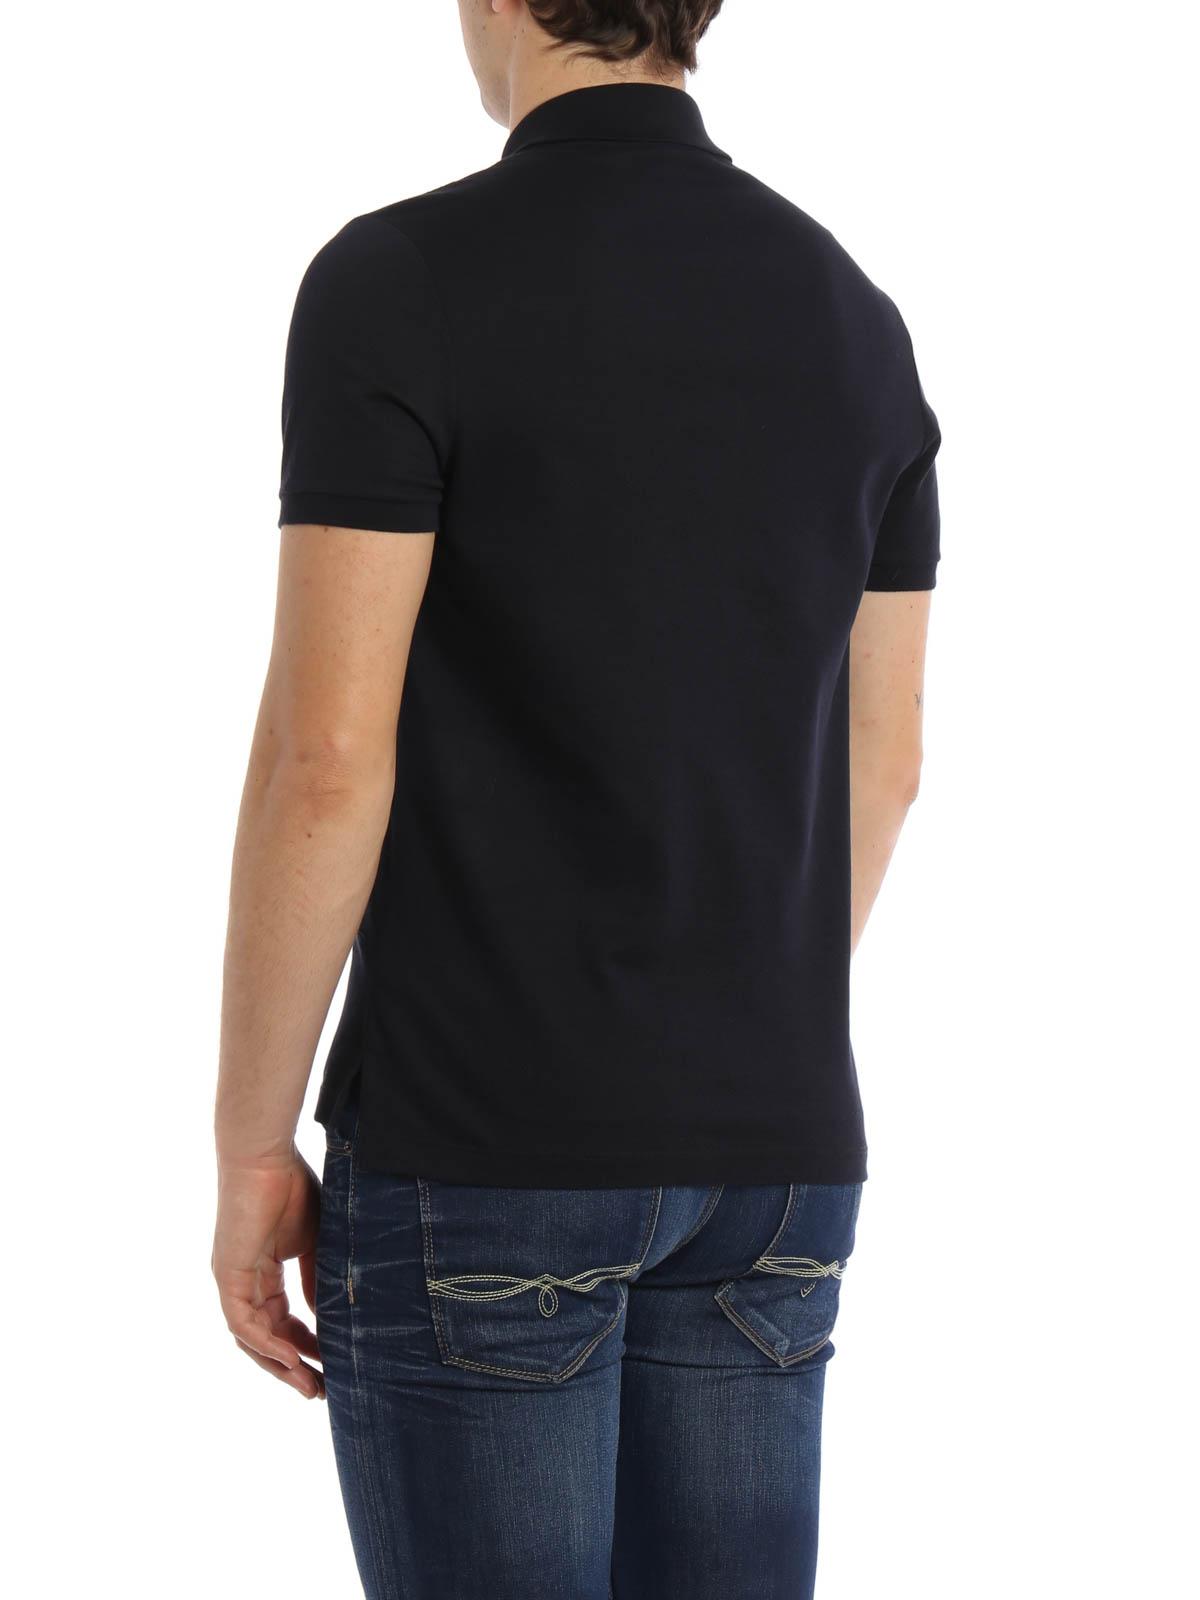 promo code 15ae7 630d4 Gucci - ポロシャツ メンズ - 黒 - ポロシャツ - 408322X5H614440